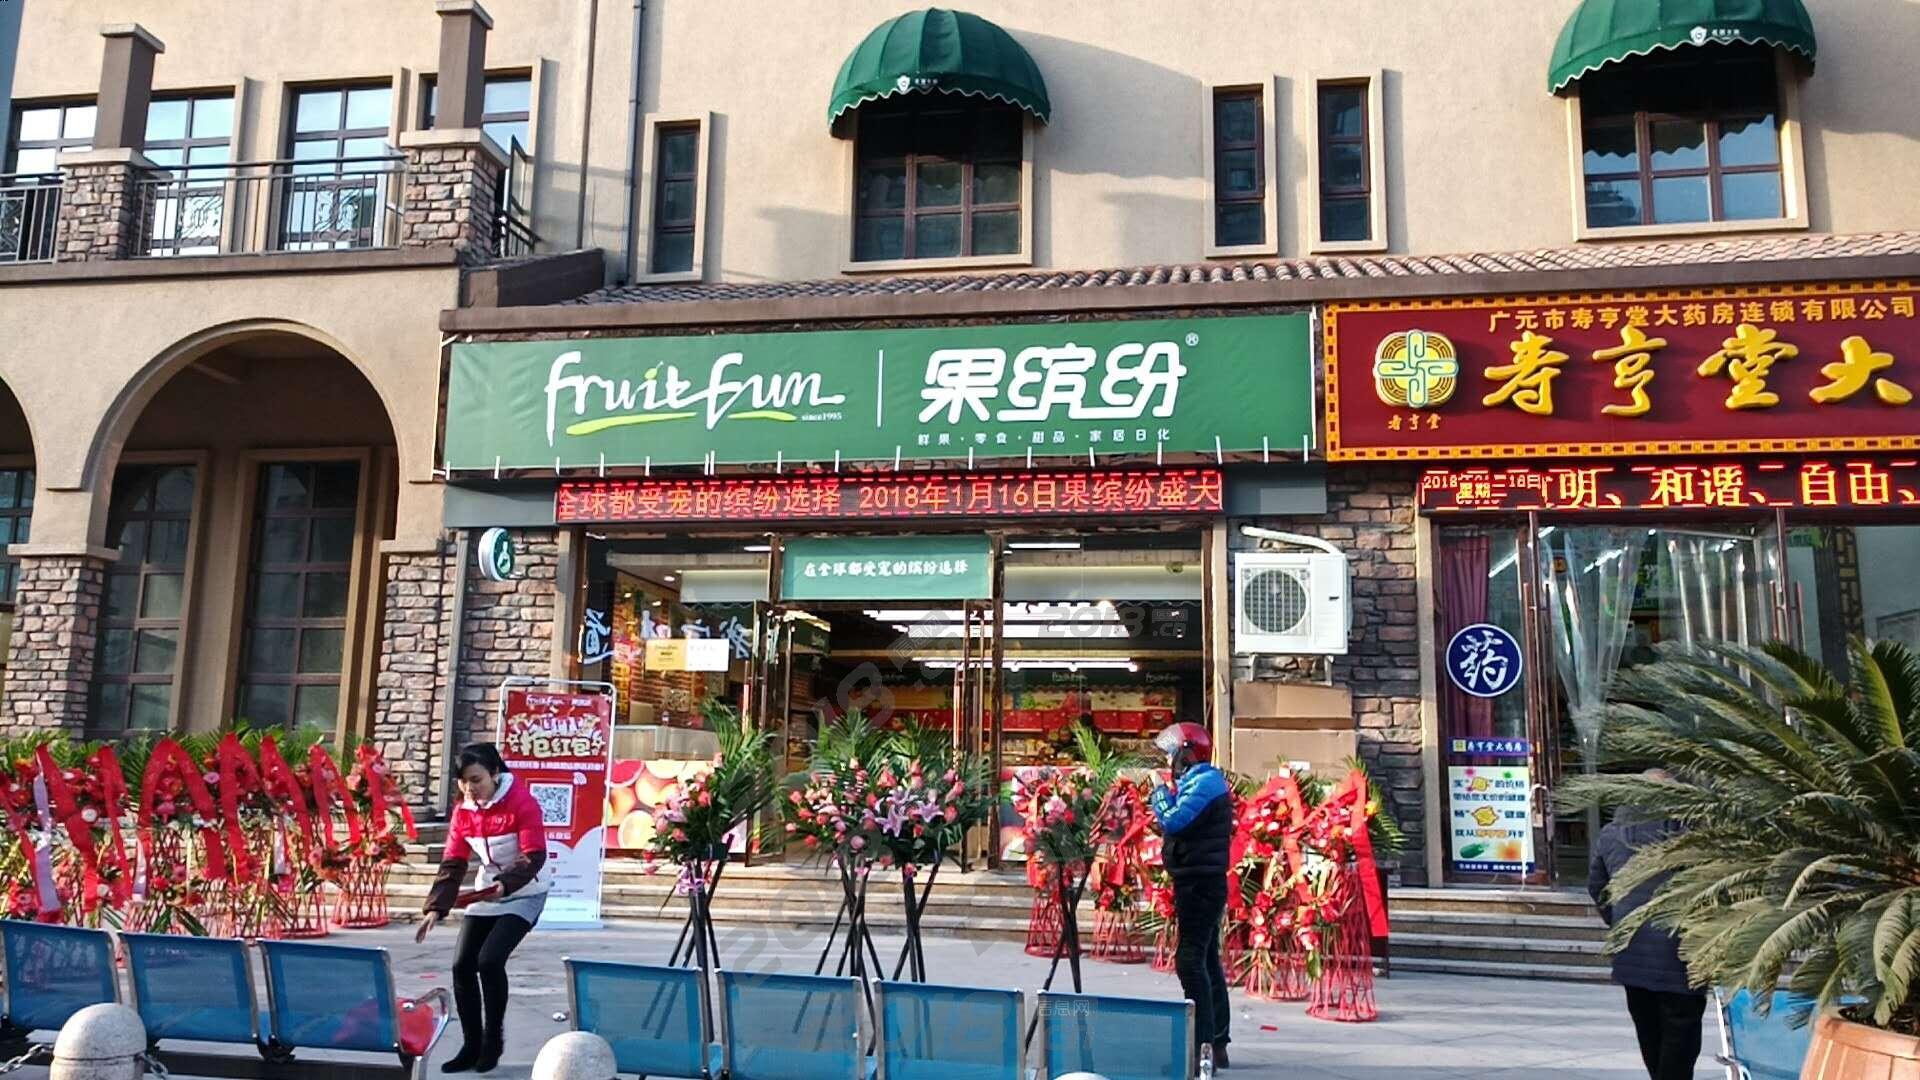 新零售时代下的水果行业巨头果缤纷